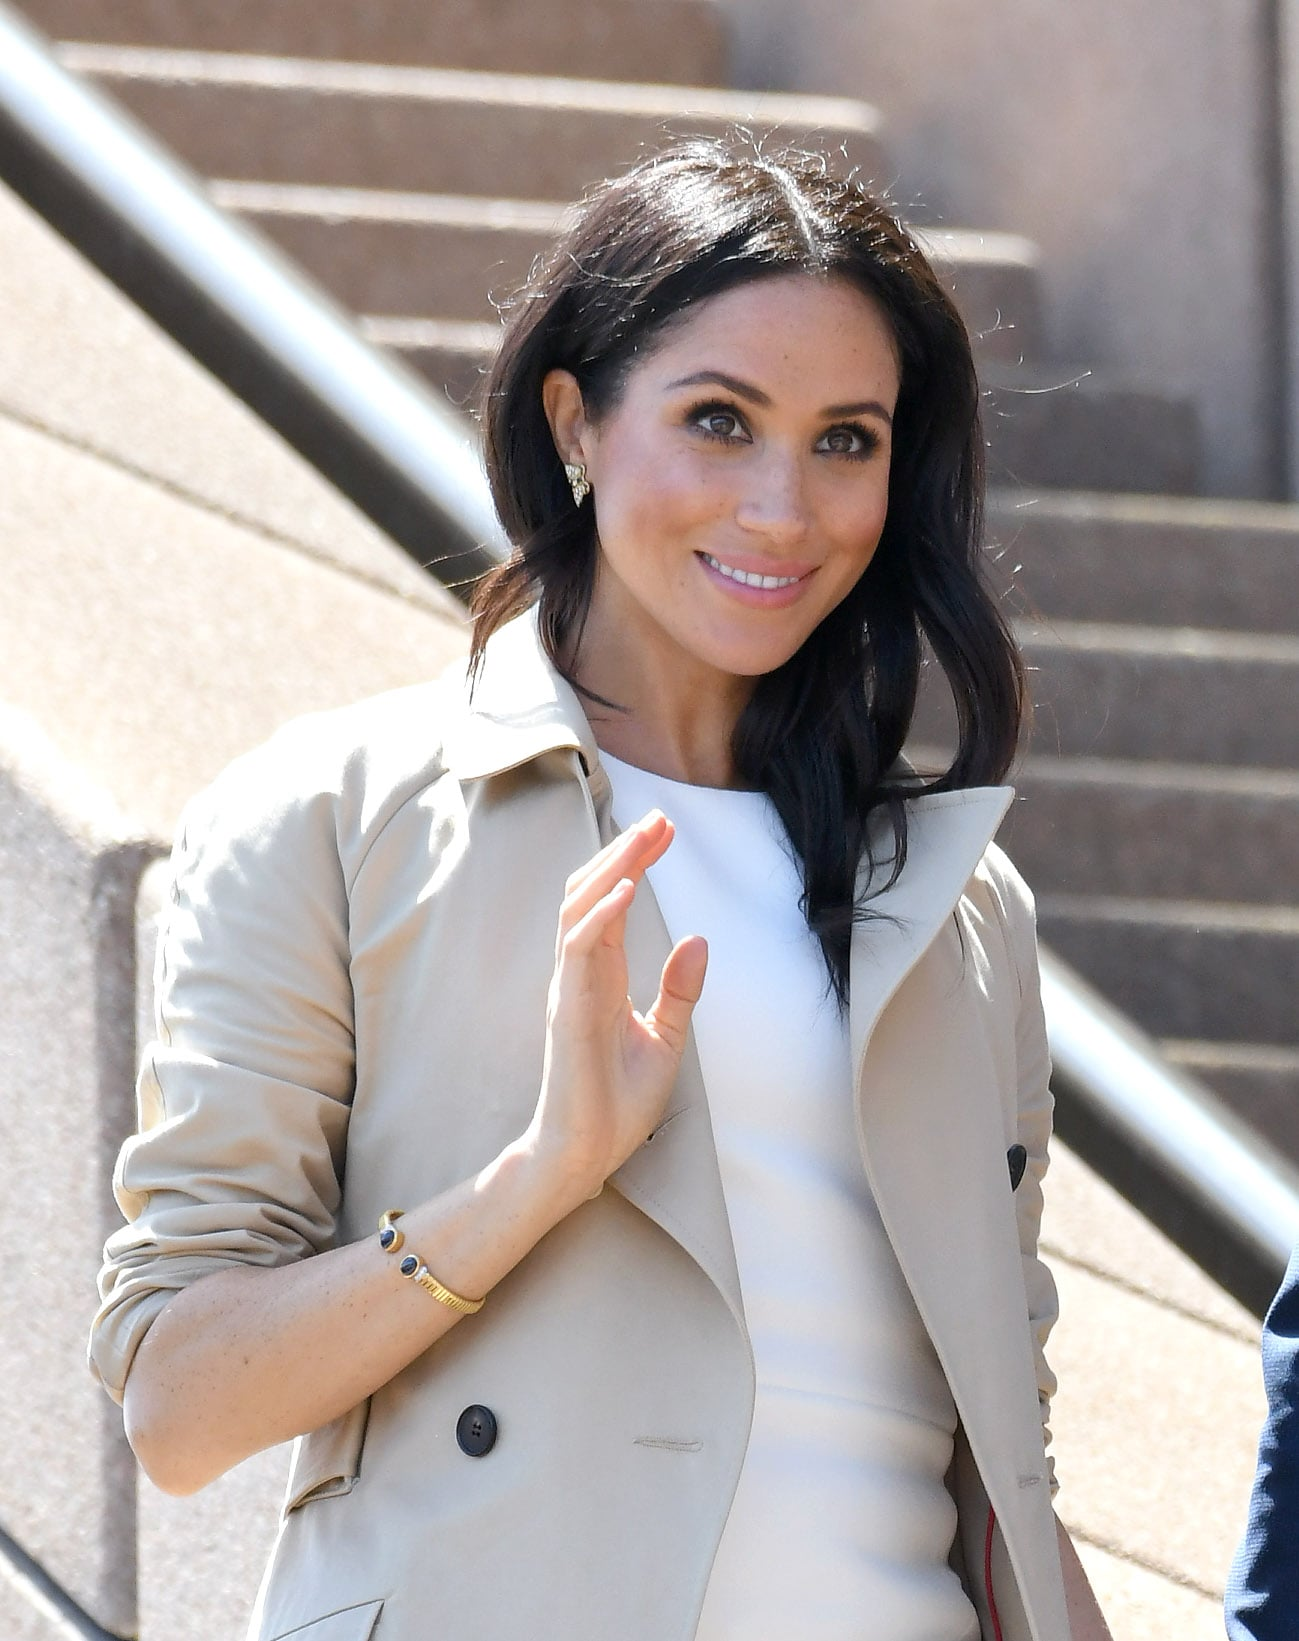 Эксперты назвали общую стоимость украшений Меган Маркл, доставшихся ей от принцессы Дианы